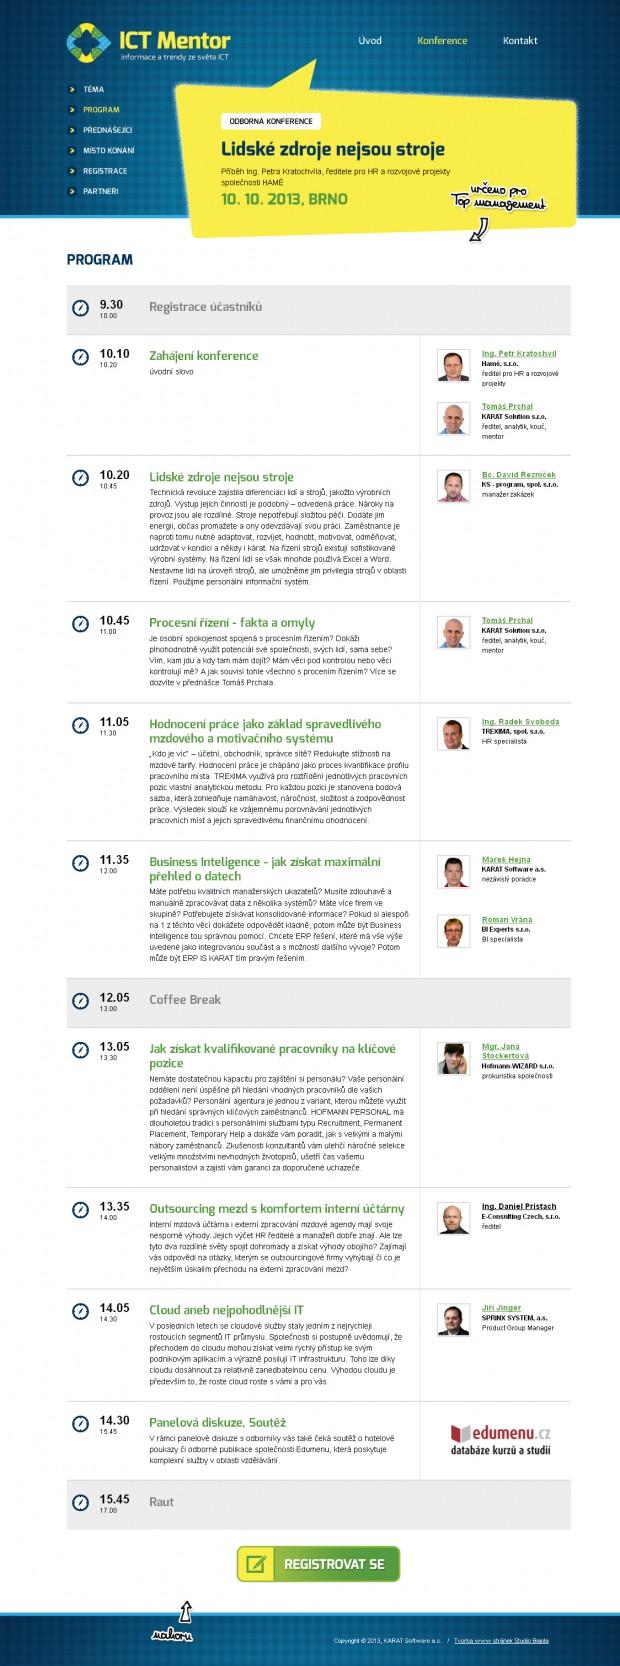 Grafický návrh webu ICT Mentor - stránka Program